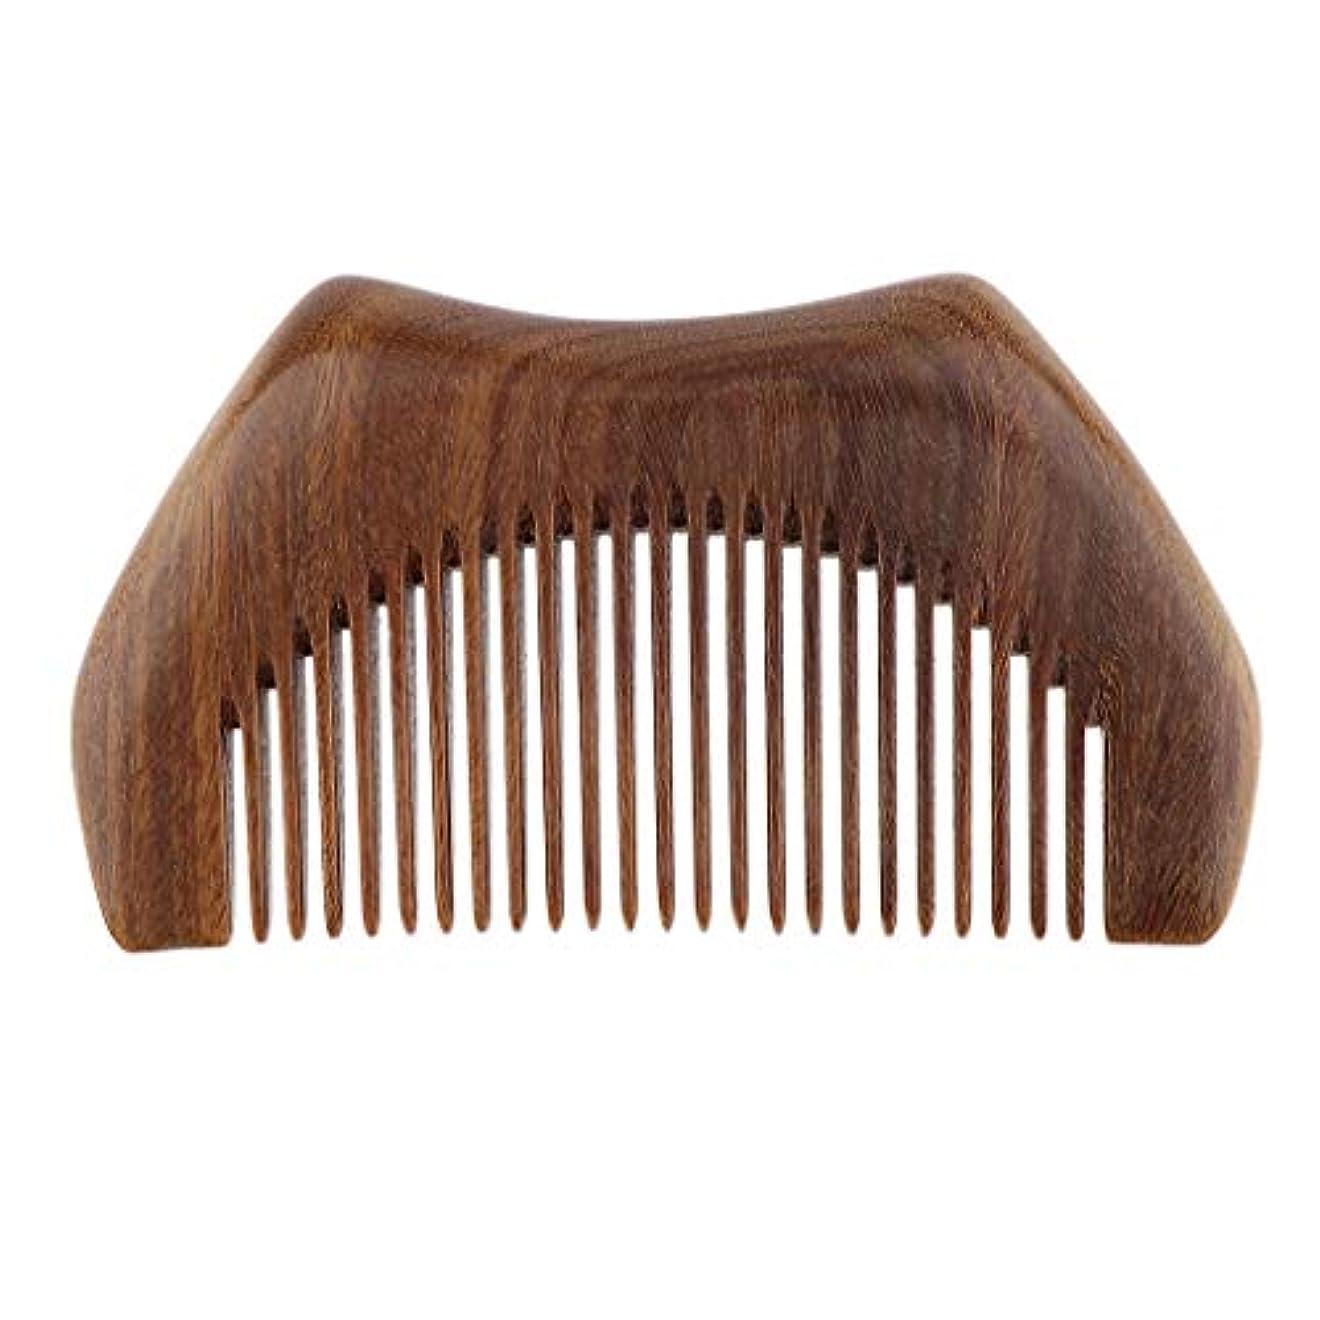 心臓ホバー踏みつけToygogo ポケットサイズグルーミング木製ヘアコーム|髪をほぐすためのプレミアムファインティース/ひげ/ひげ/口ひげ